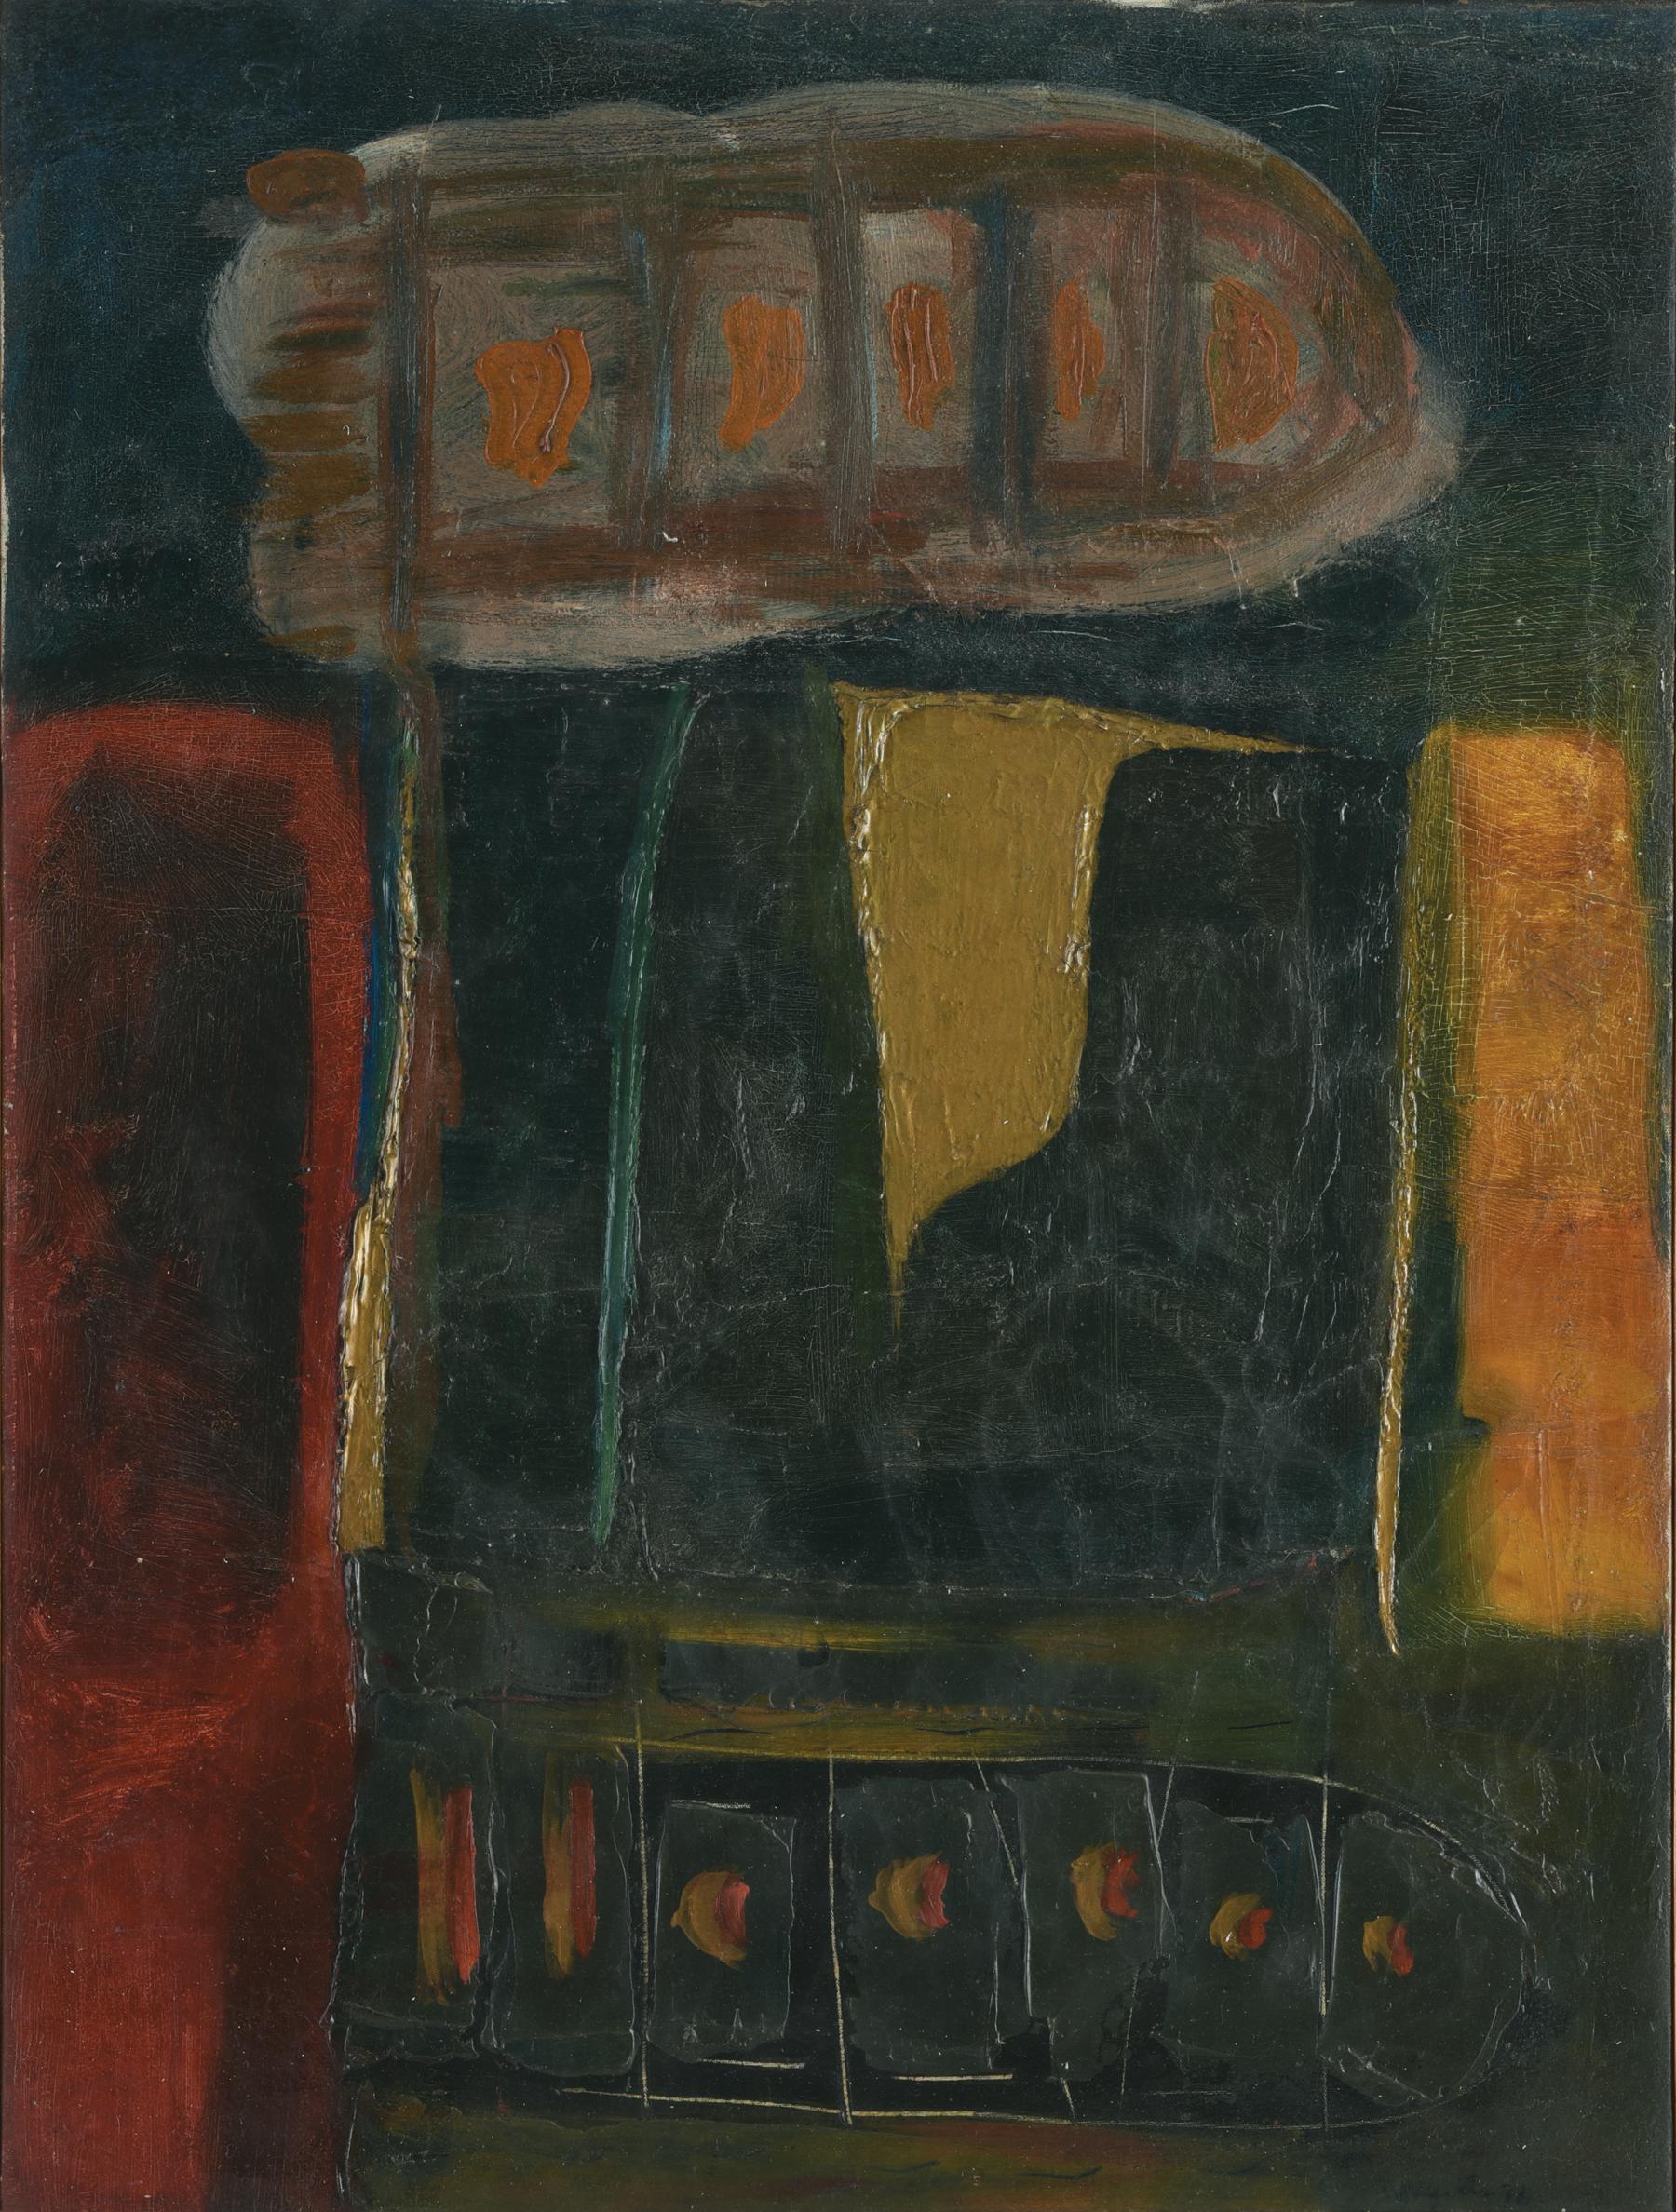 Umi Dachlan, Contemplation, ooc, 100 x 95 cm, 1998.jpg